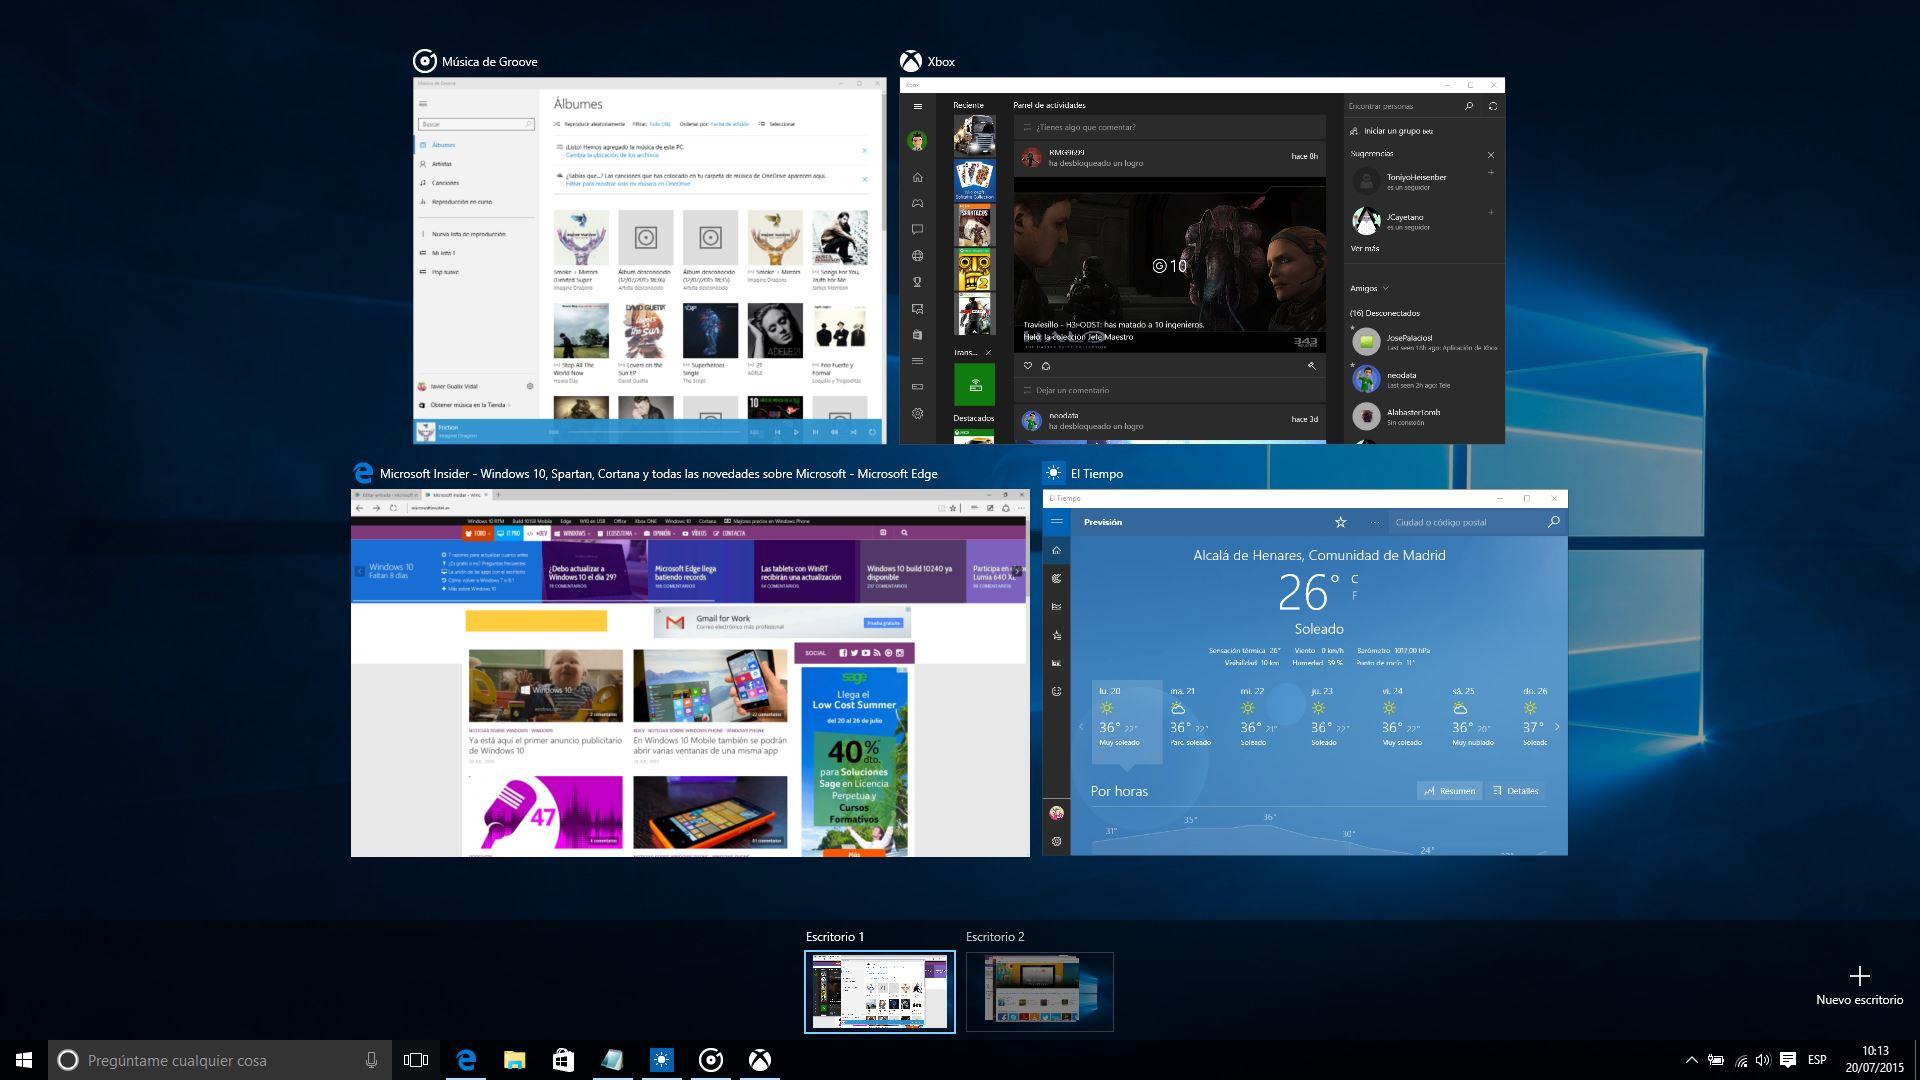 Vista de tareas mostrando Edge, Xbox, Música de Groove y El Tiempo, junto con otro escritorio virtual